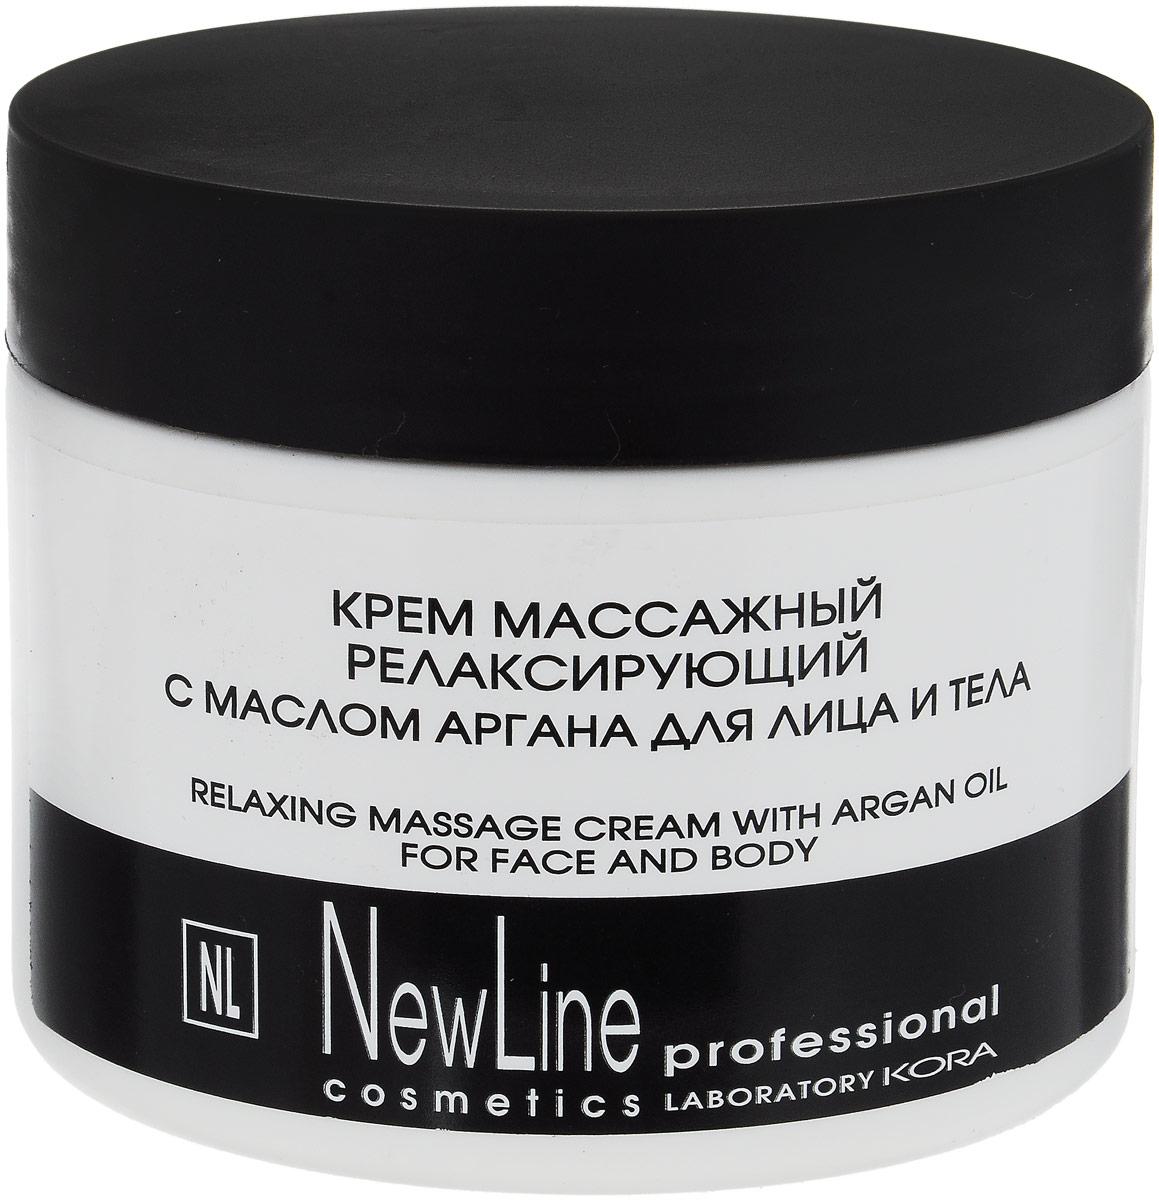 New Line Крем массажный релаксирующий с маслом аргана, 300 мл34369439_без дозатораКрем массажный релаксирующий оказывает успокаивающее и увлажняющее действия на кожу, делая её более гладкой, мягкой и эластичной. Питает и смягчает кожу, не закупоривает поры, обладает выраженными скользящими свойствами, что обеспечивает прекрасный массаж.